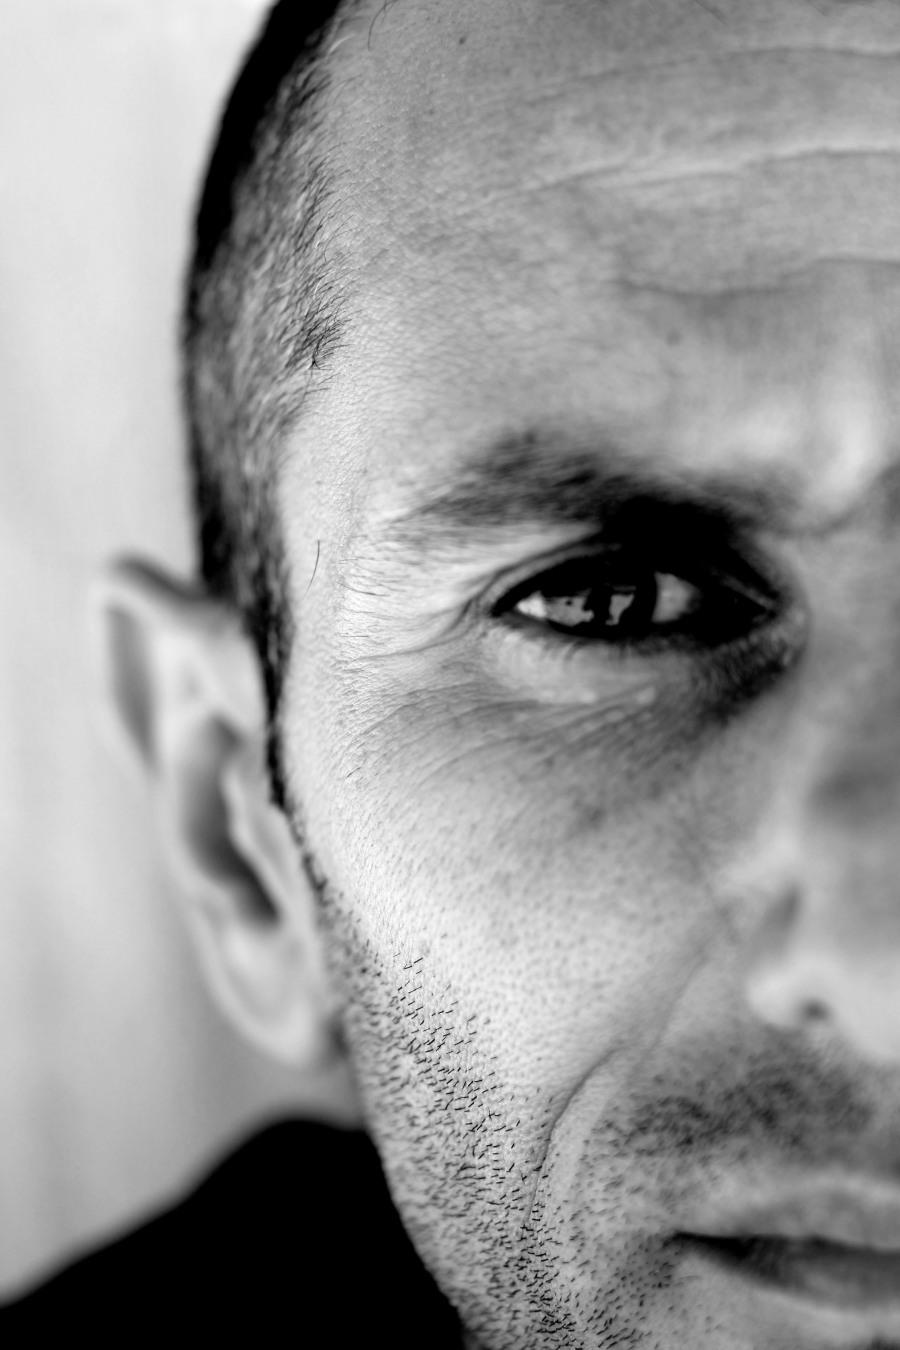 """STEPHANE MIFSUD, RECORDMAN DE FRANCE D'APNEE STATIQUE AVEC 10""""04, A L'ENTRAINEMENT A HYERES EN VUE D'UNE NOUVELLE TENTATIVE DE RECORD DU MONDE EN APNEE STATIQUE LE 08 JUIN 2009."""